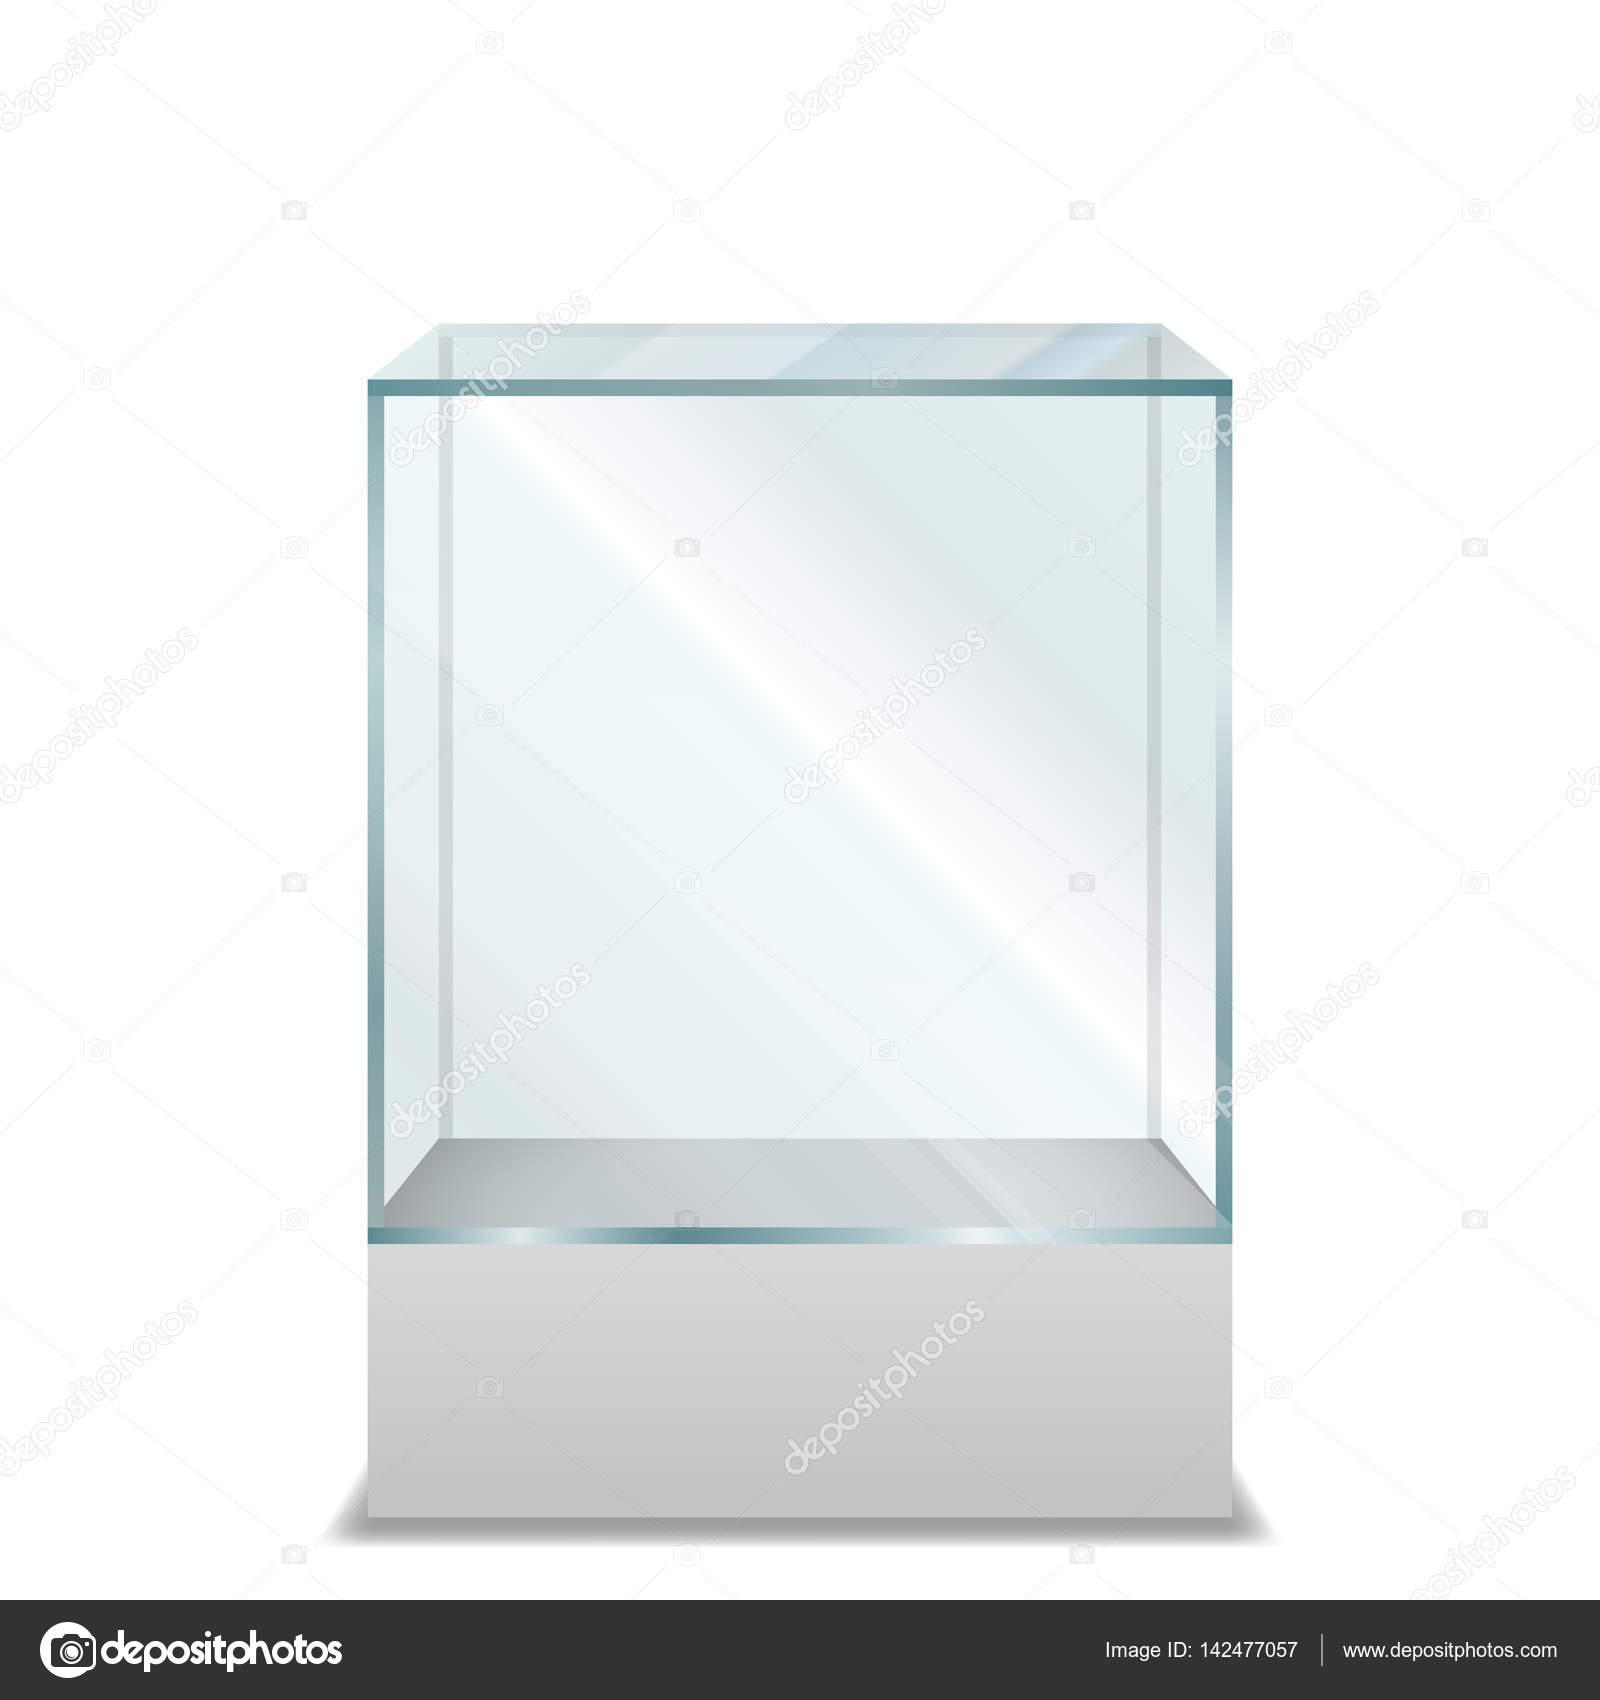 Caja de vidrio transparente vac a sobre pedestal archivo im genes vectoriales - Vidrio plastico transparente precio ...